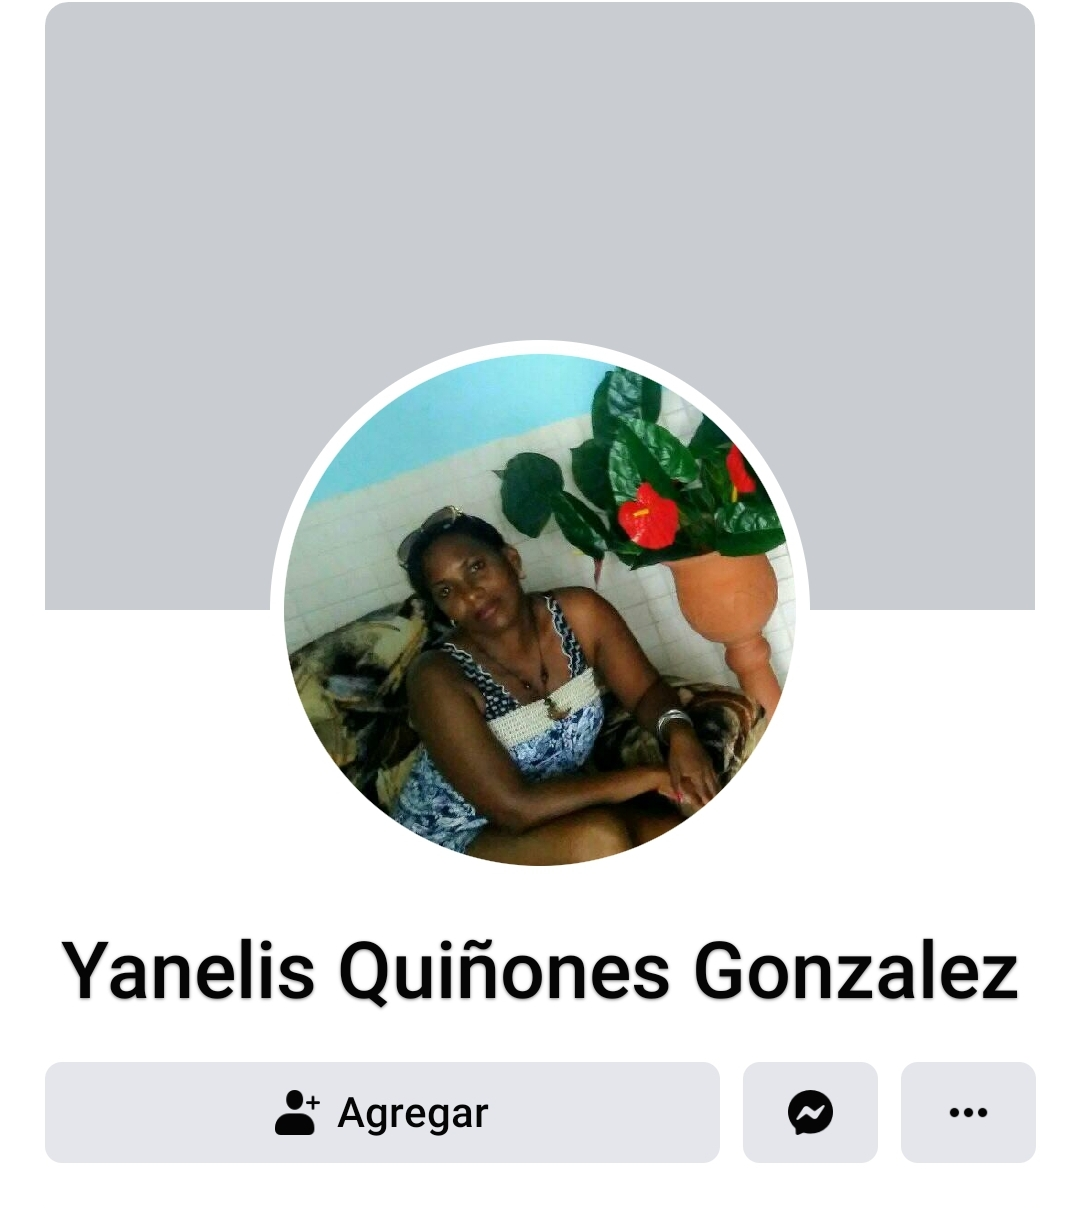 Yanelis Quiñones Gonzalez